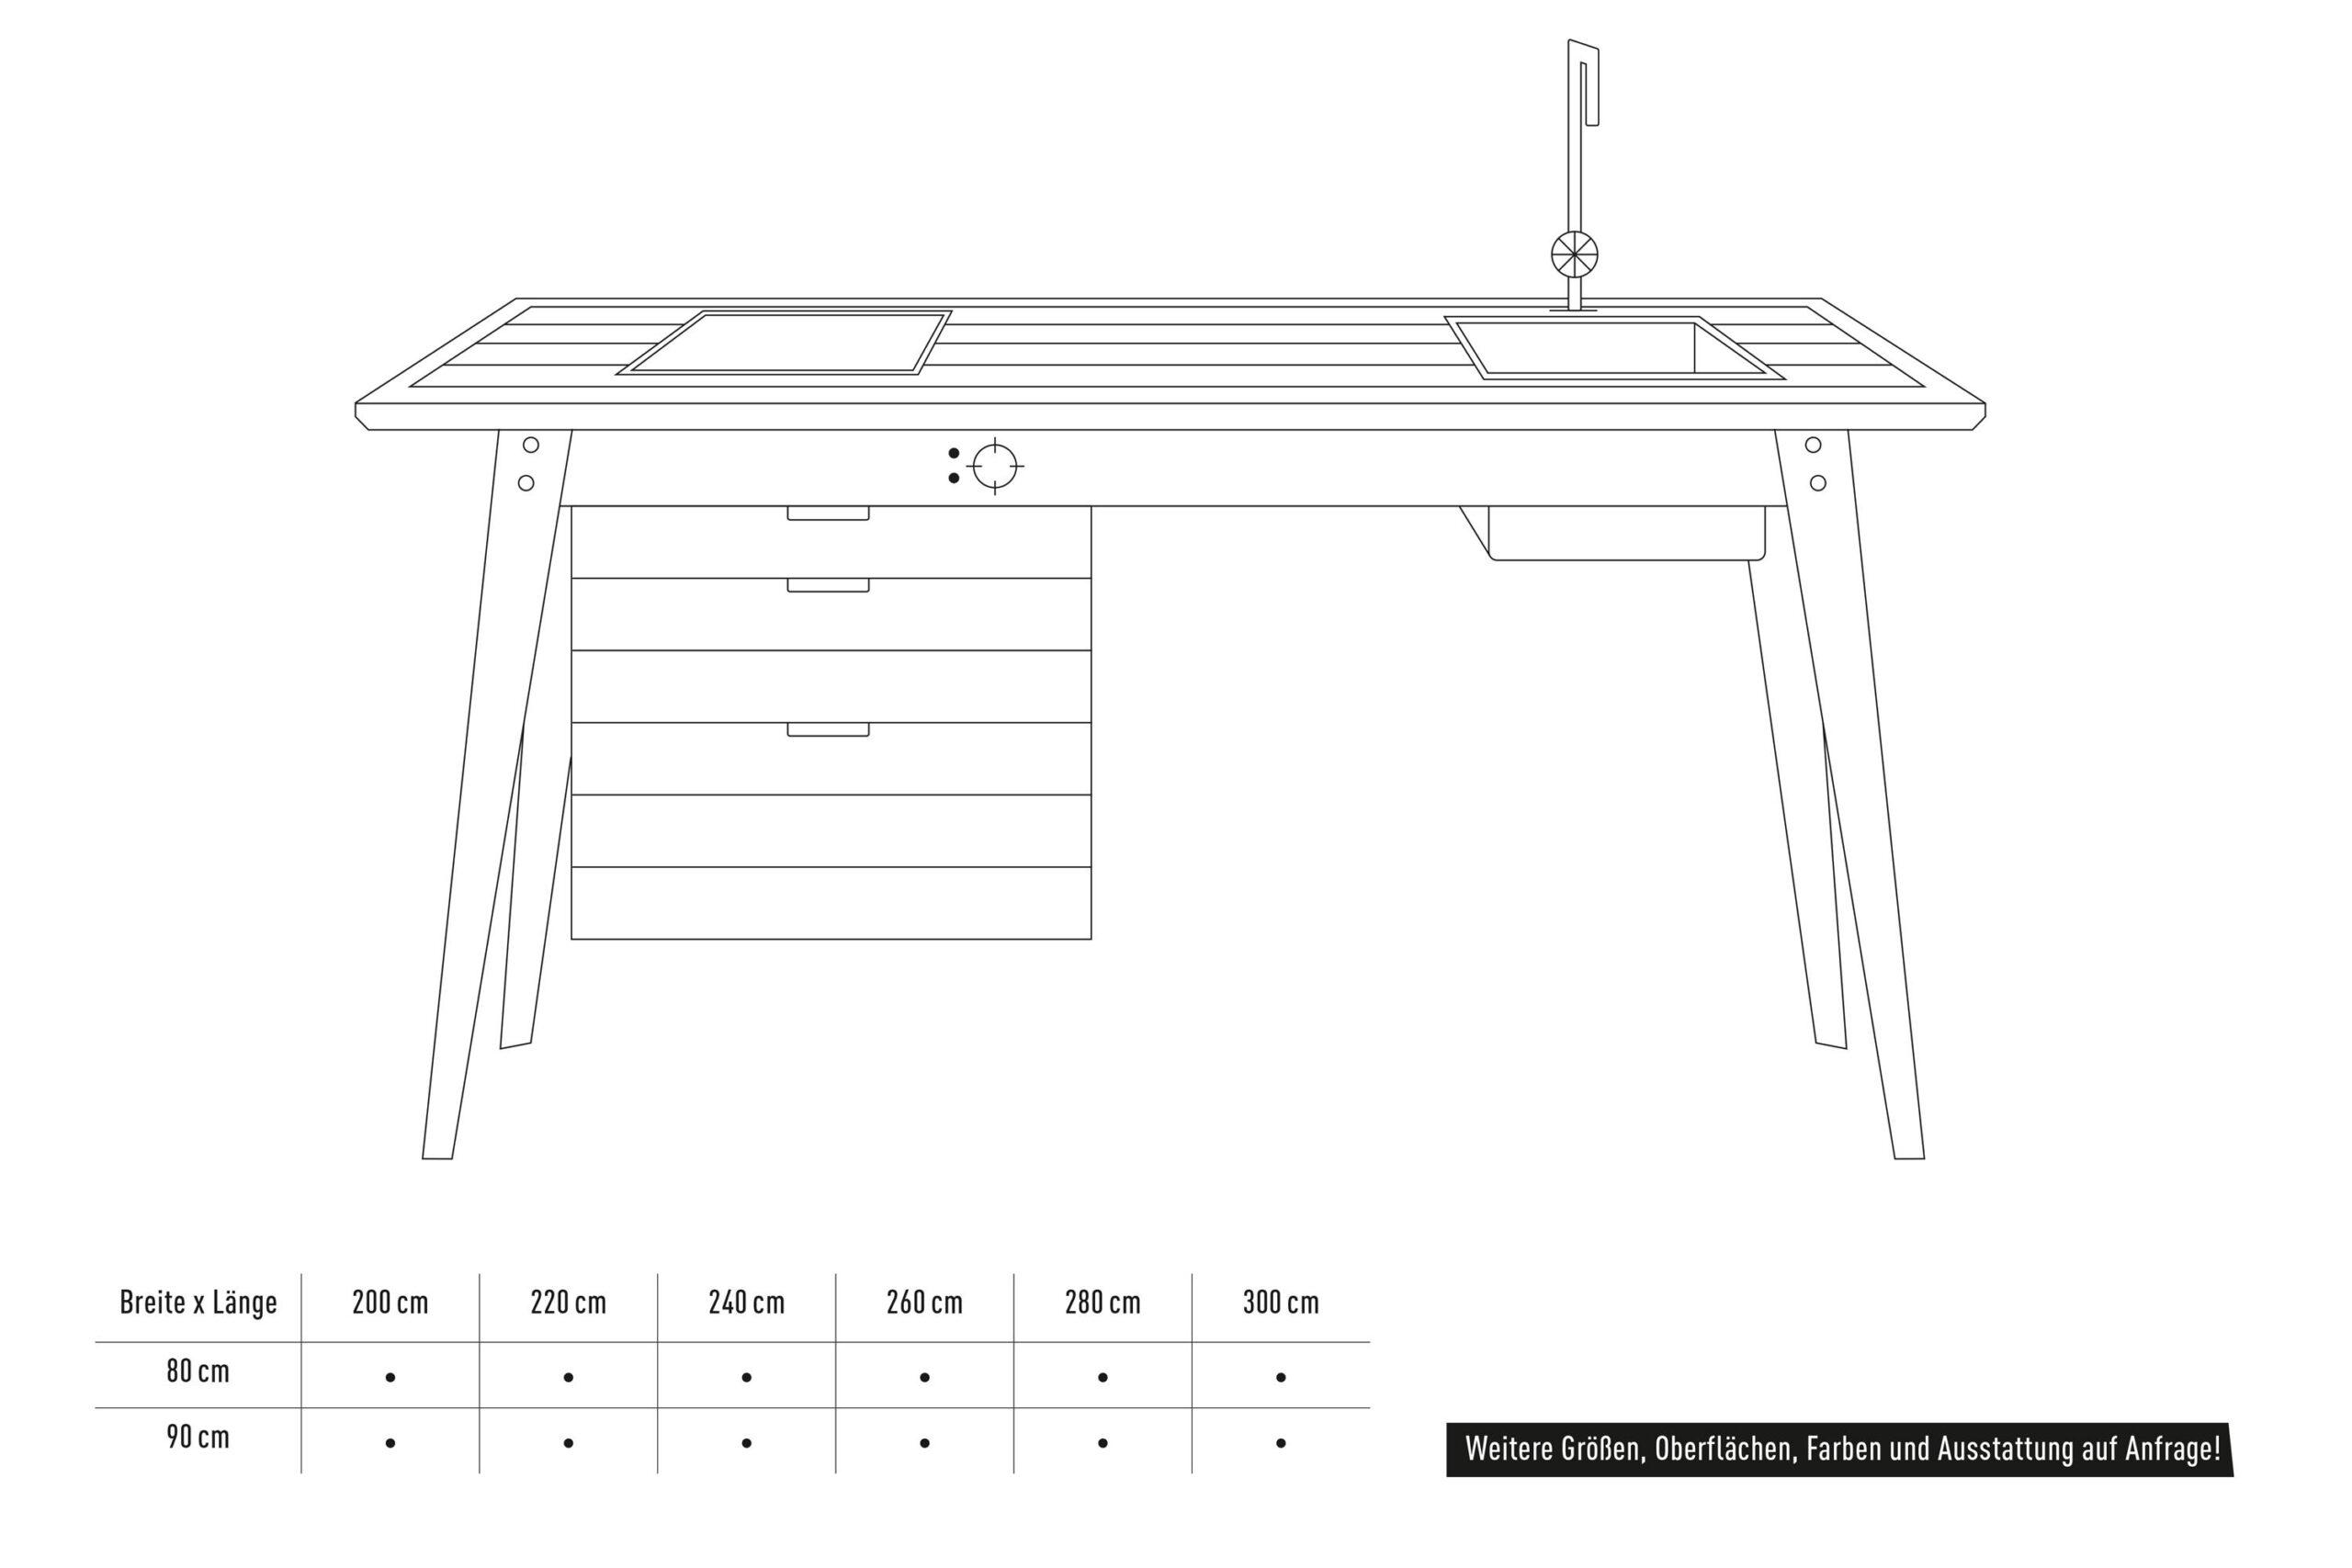 Full Size of Schwarze Küche Sideboard Mit Arbeitsplatte Edelstahlküche Kochinsel Amerikanische Kaufen Kleiner Tisch Miniküche Kühlschrank Hängeschrank Höhe Wohnzimmer Jan Cray Küche